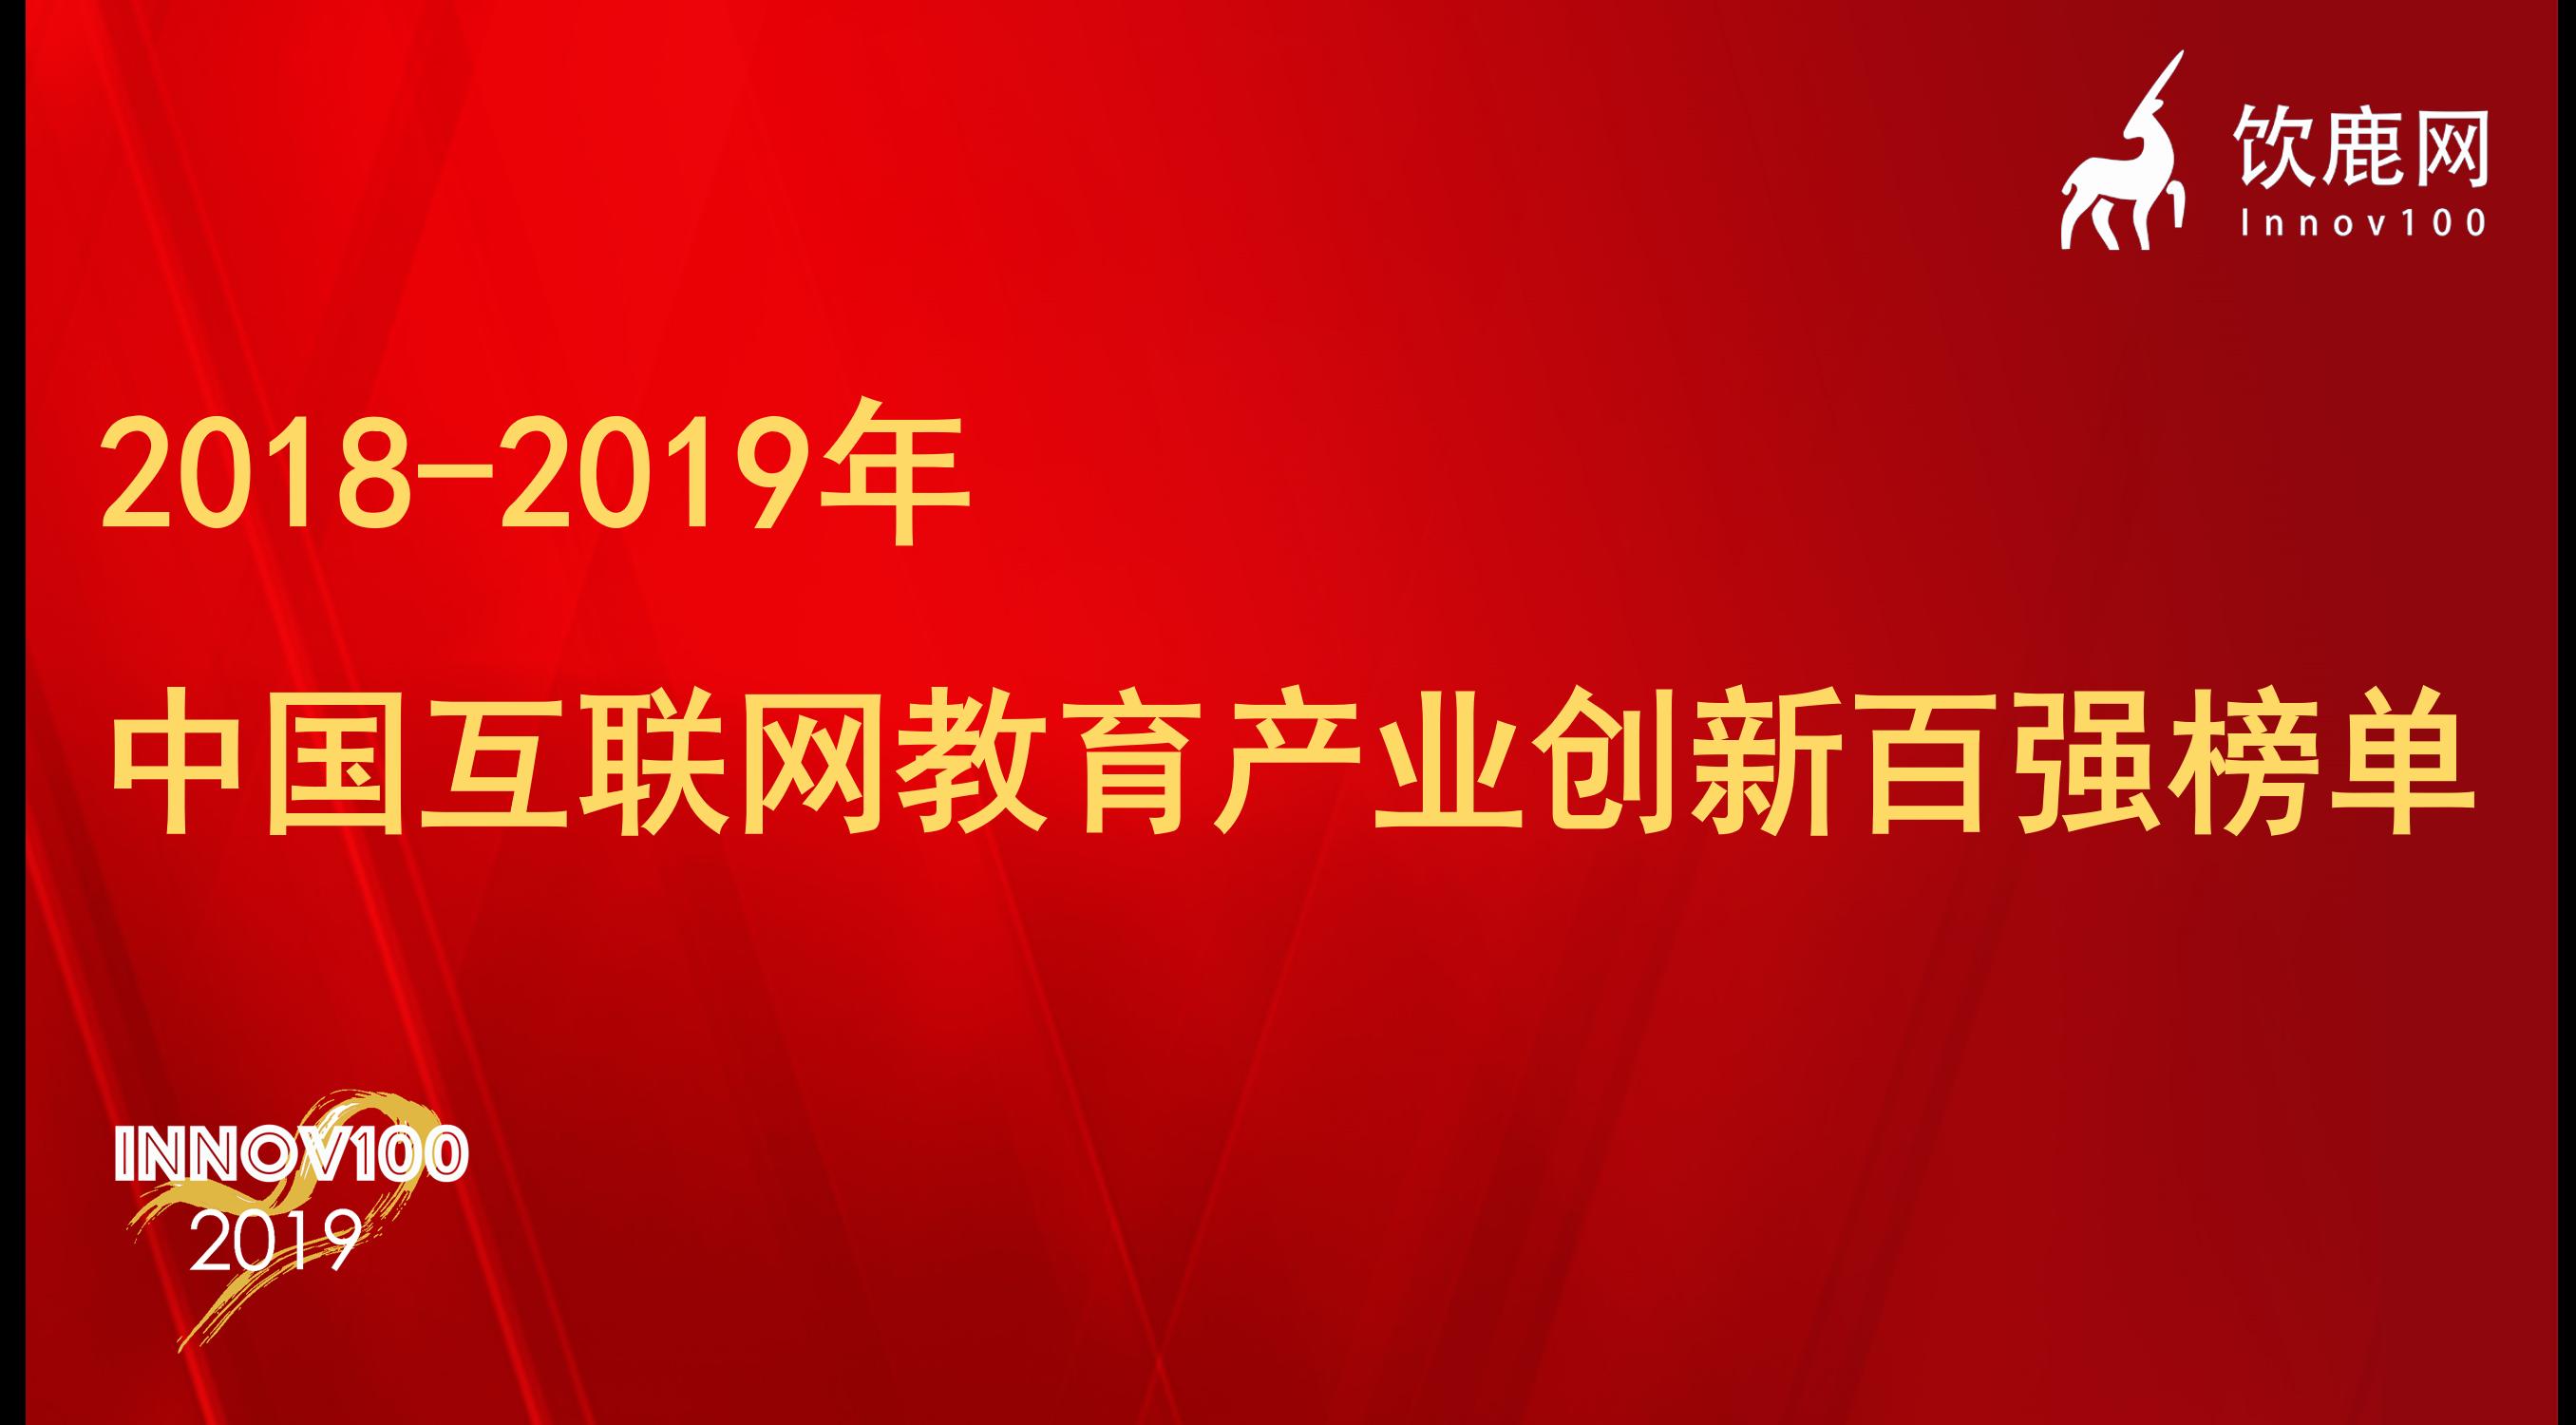 饮鹿网2018-2019年中国互联网教育产业创新百强榜单发布!